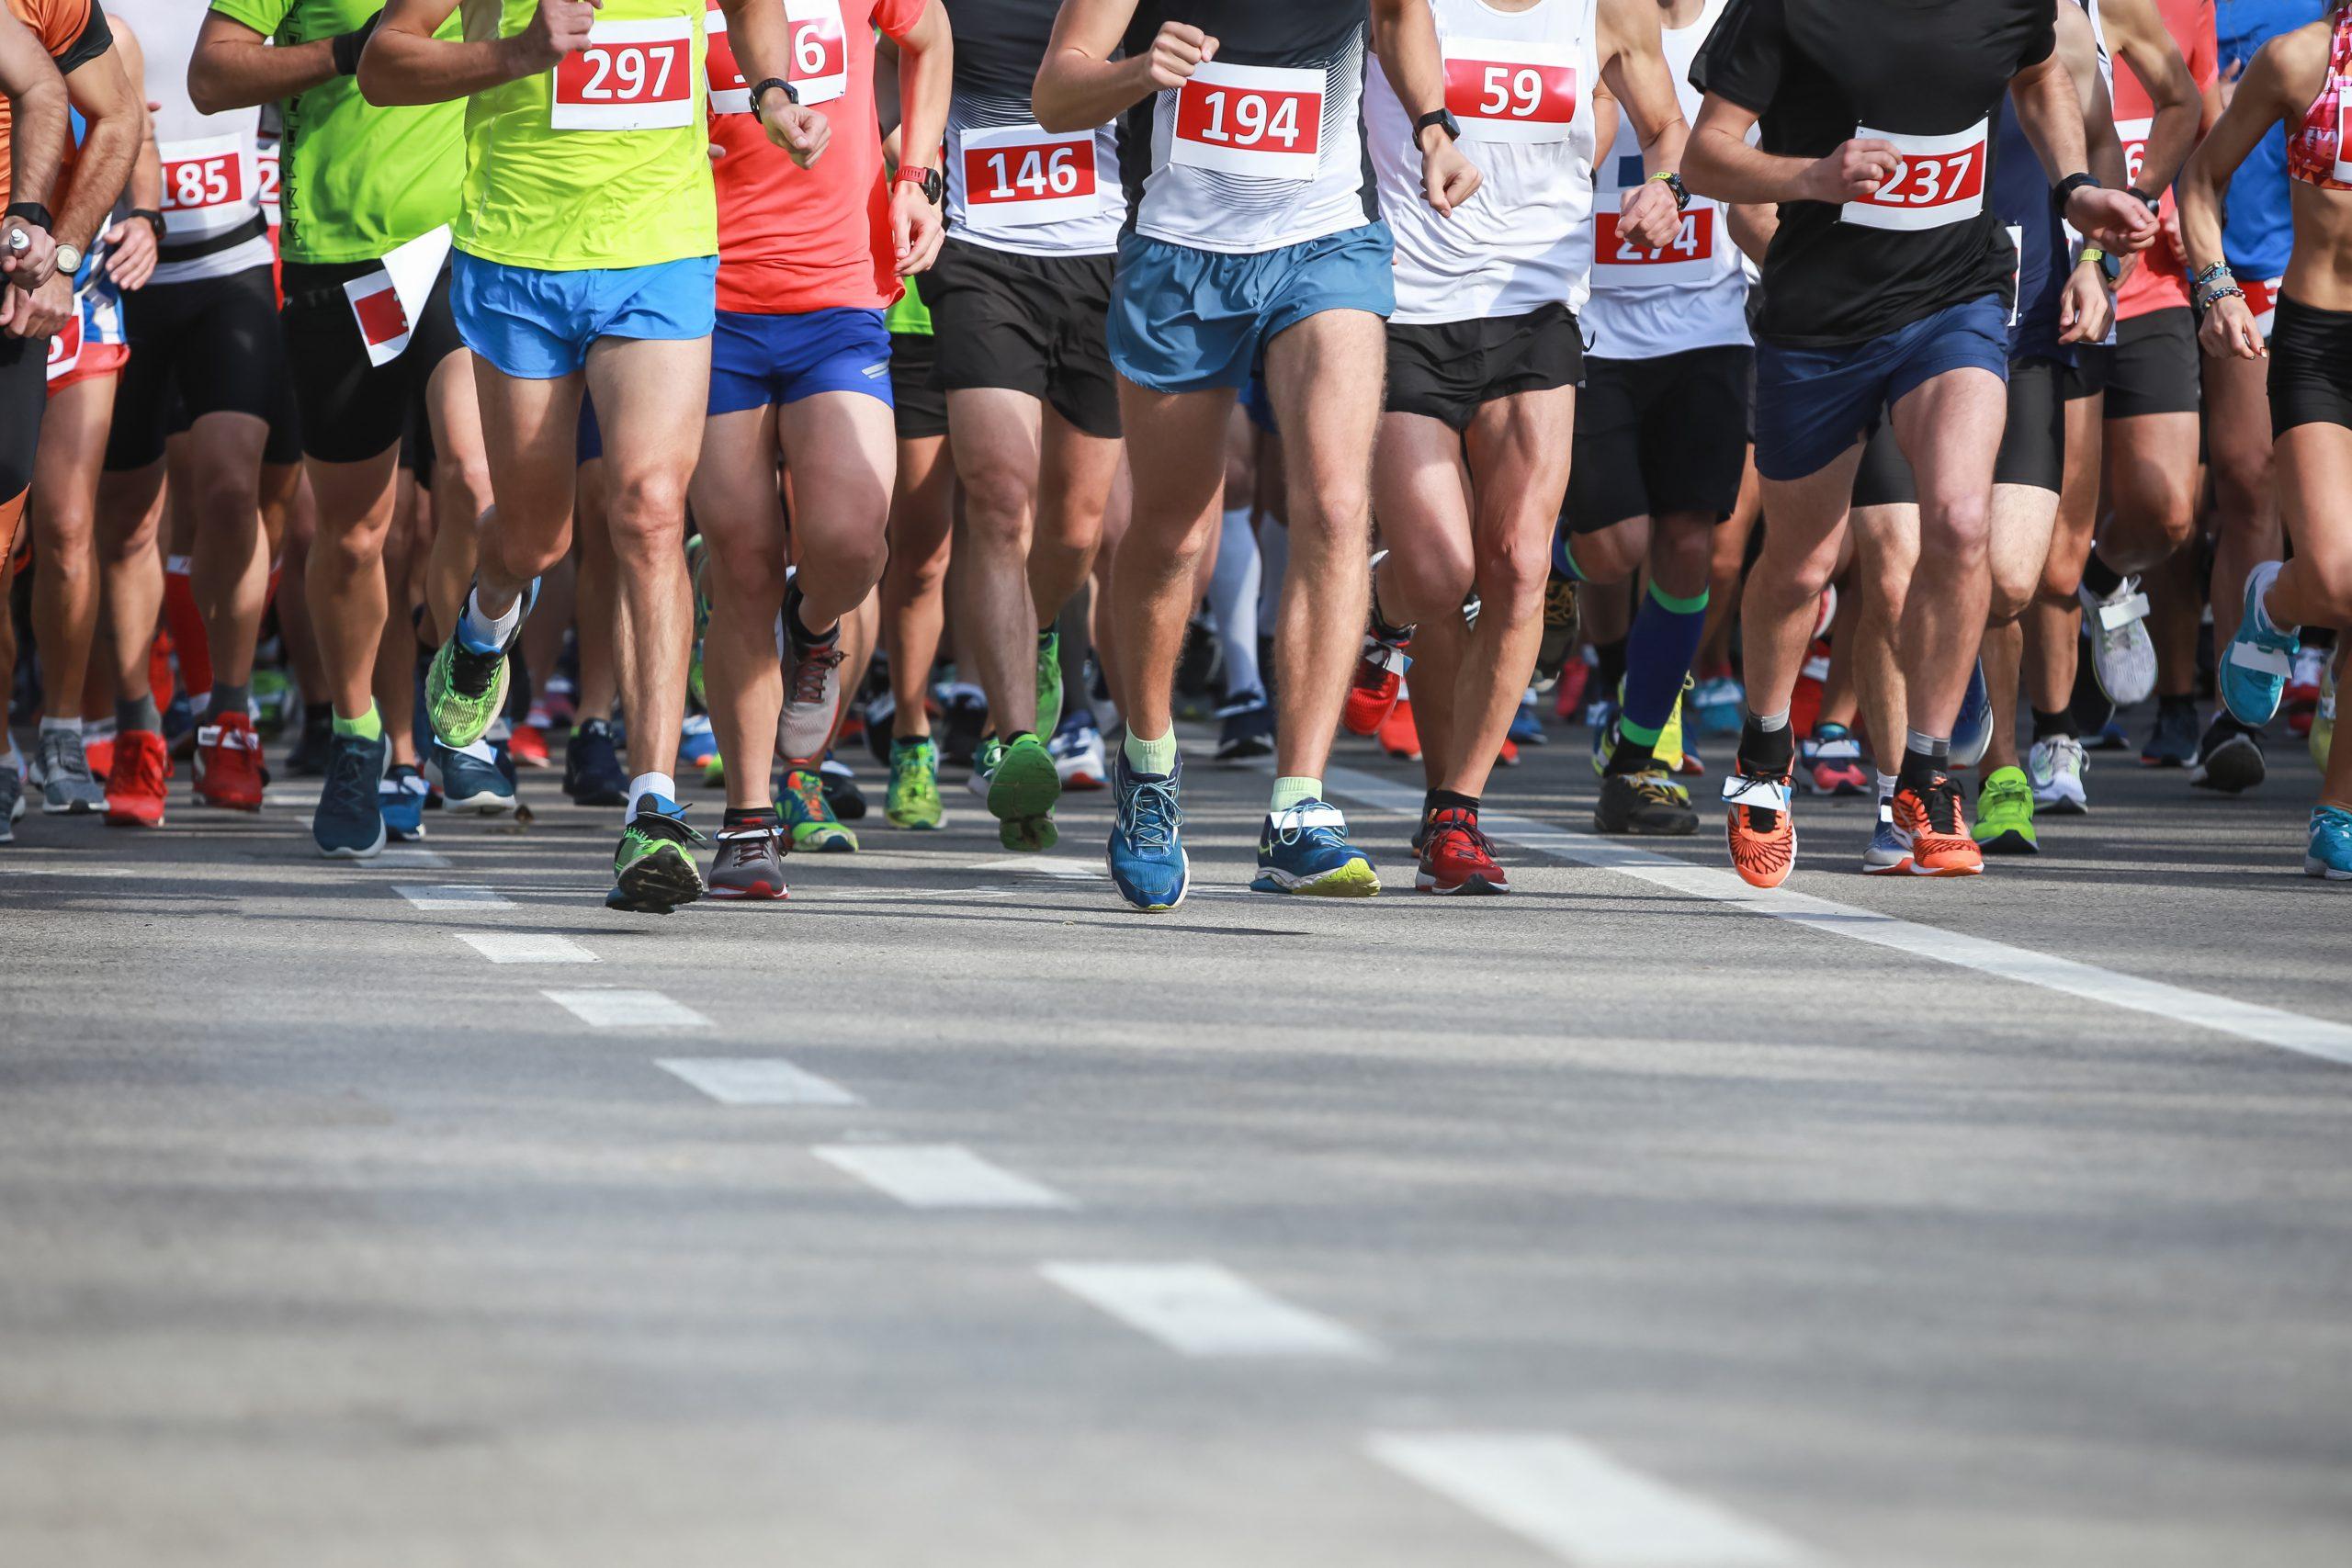 runners in marathon running shorts